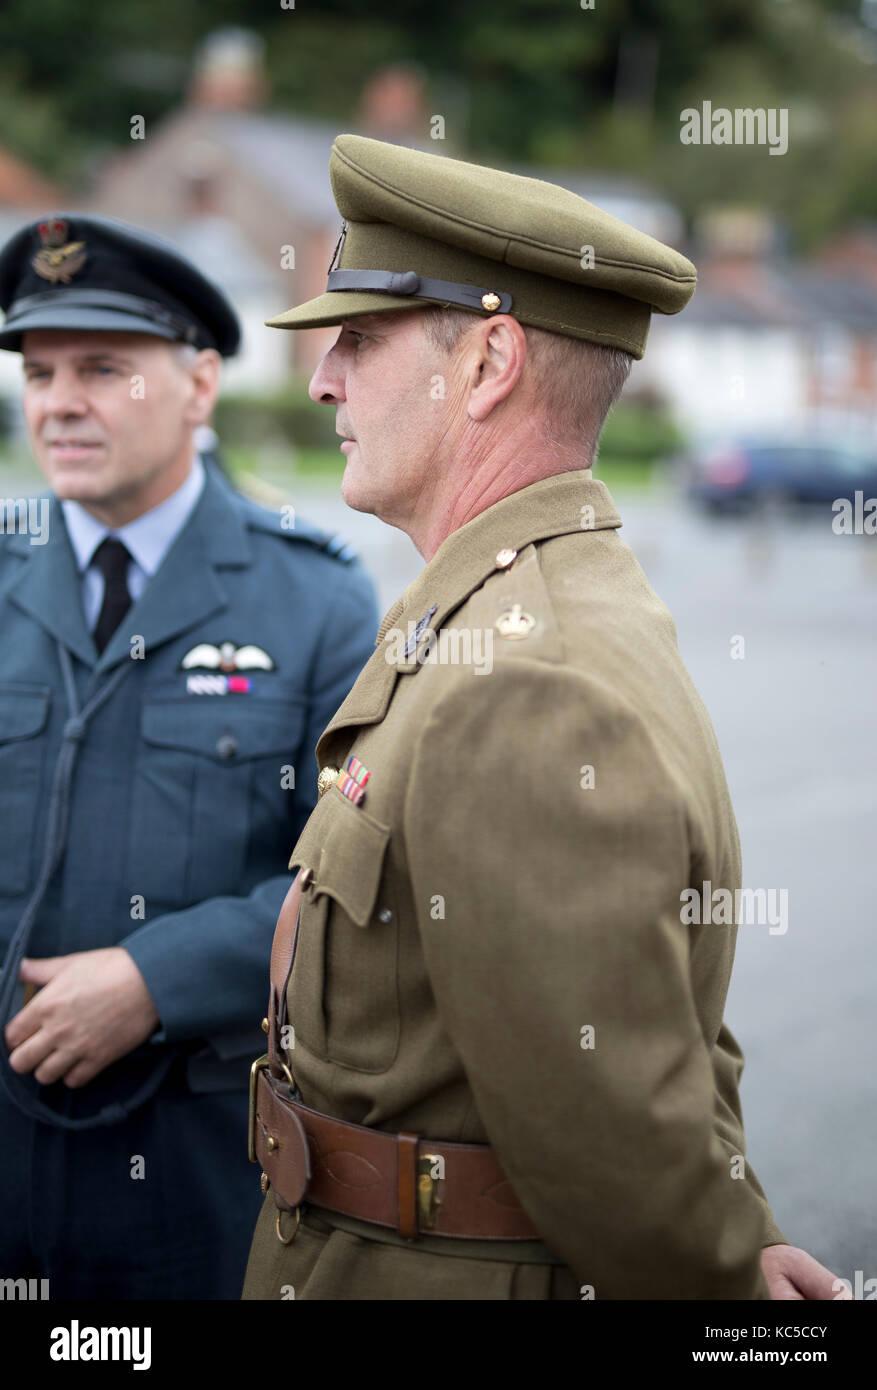 Mann 1940 Vintage British Army Uniform Während 40 Wochenende